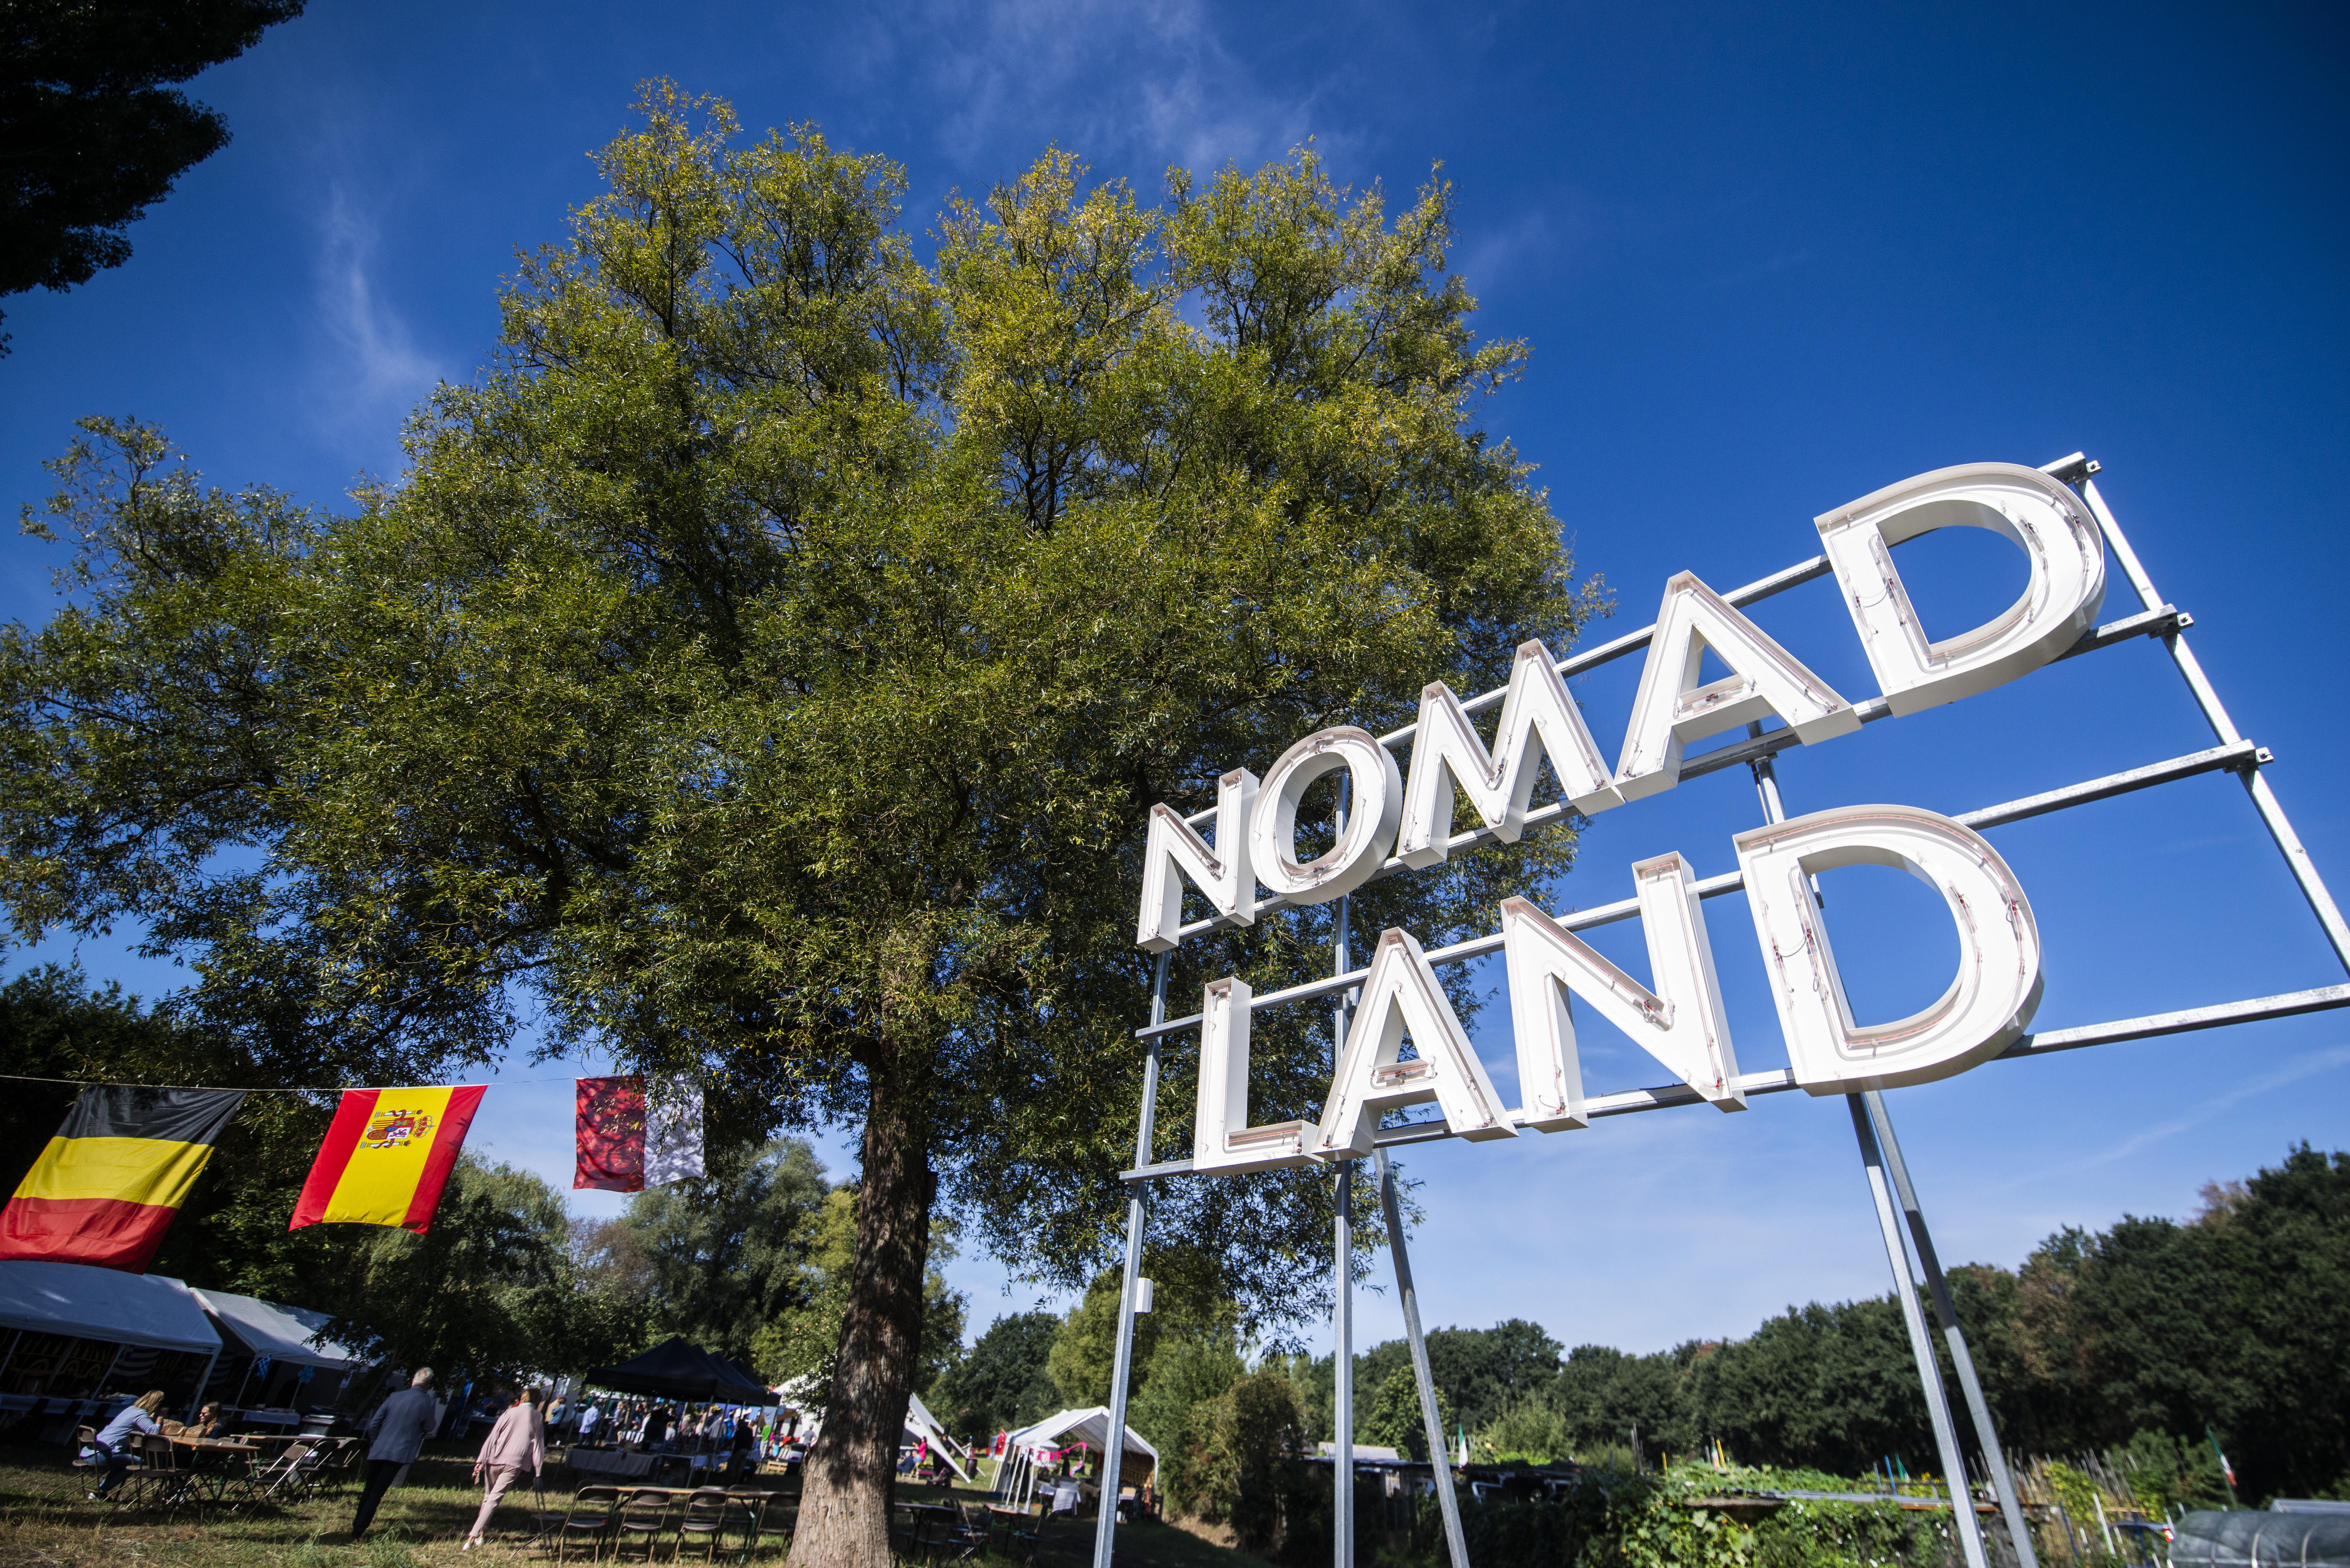 Nomad Land